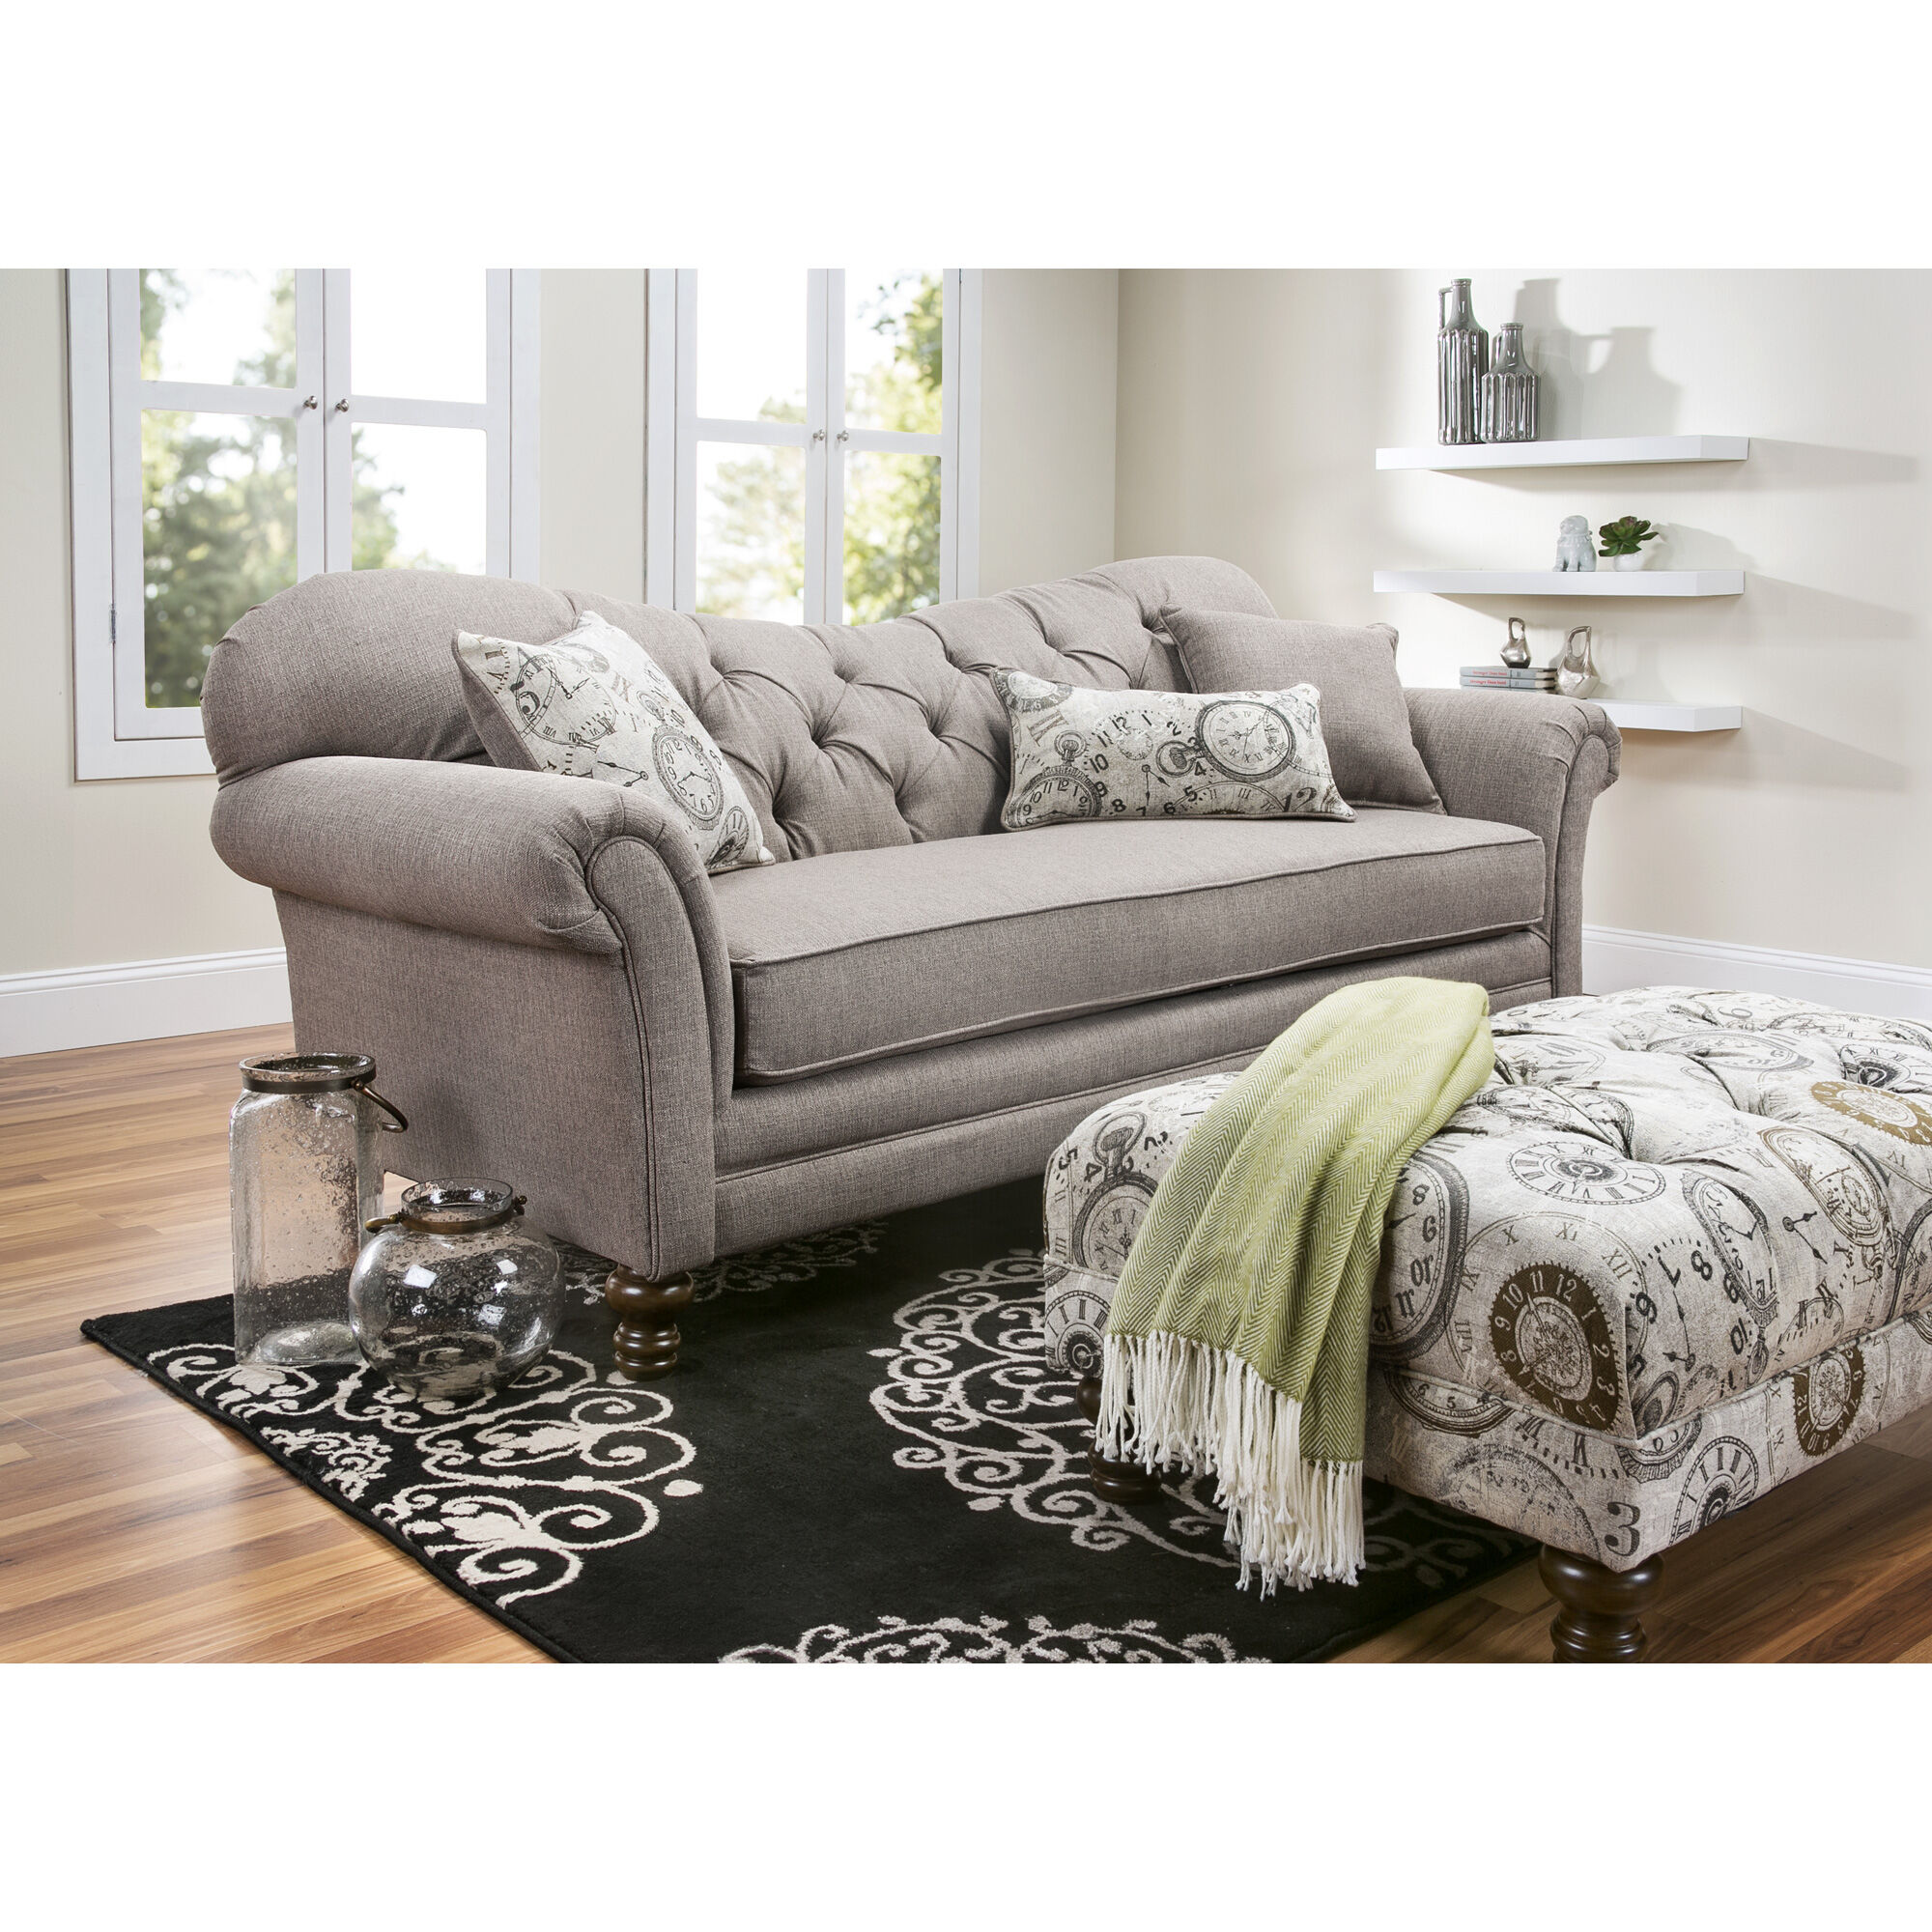 Slumberland Furniture Tempus Sofa